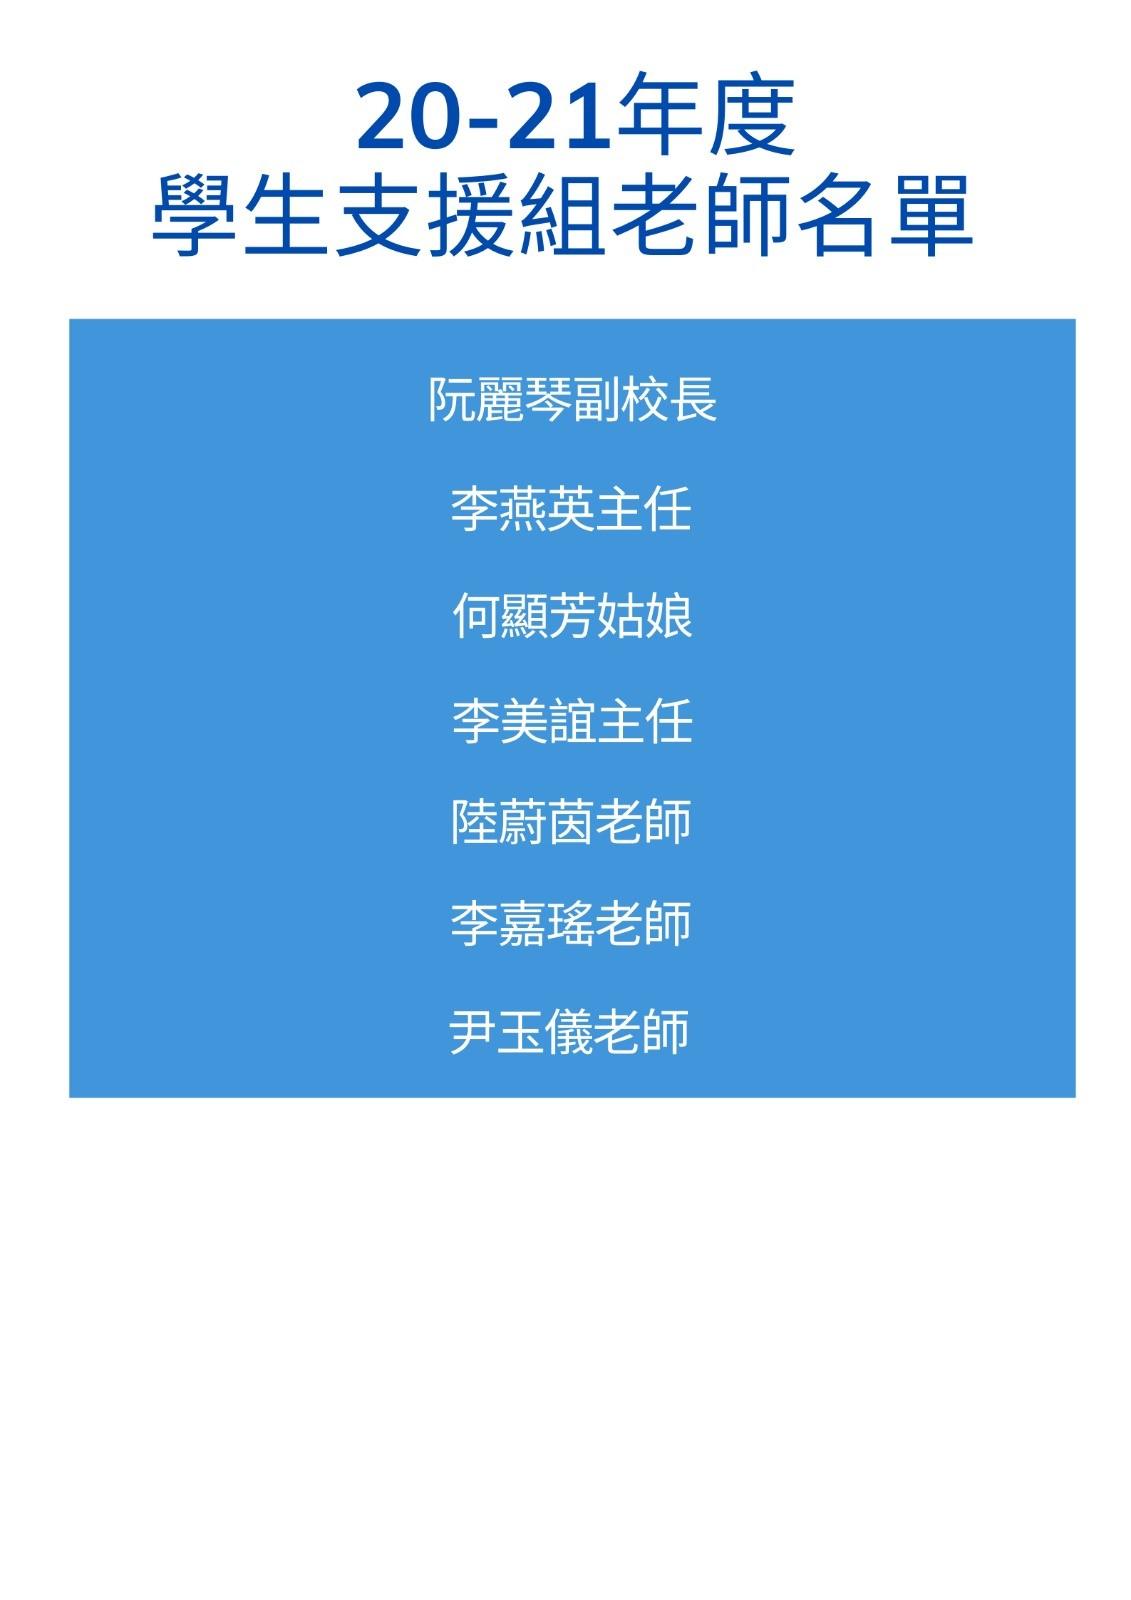 20-21年度學生支援組名單